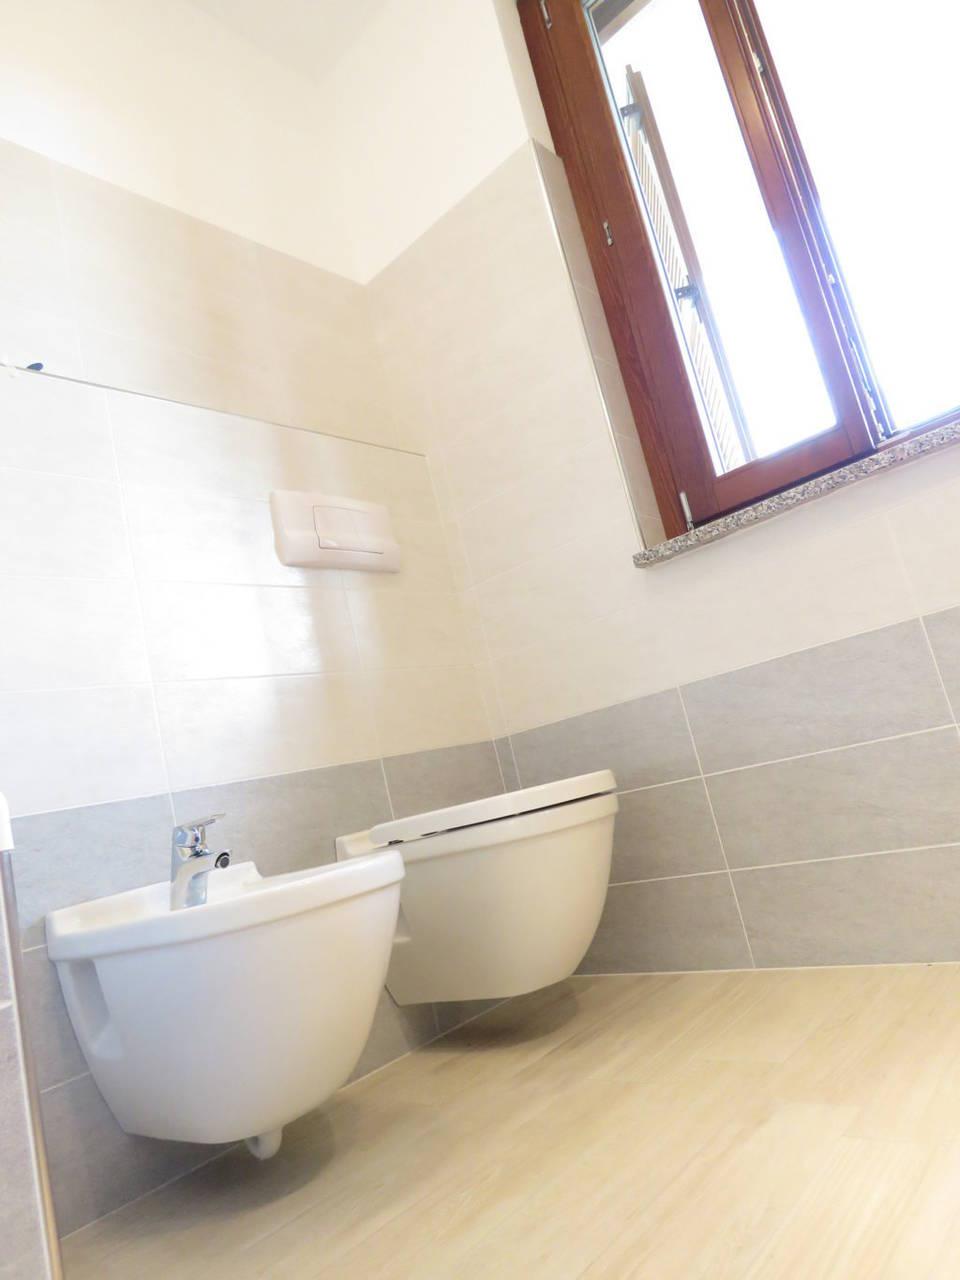 Case-nuove-in-vendita-in-Burago-di-Molgora-Monza-Brianza-8